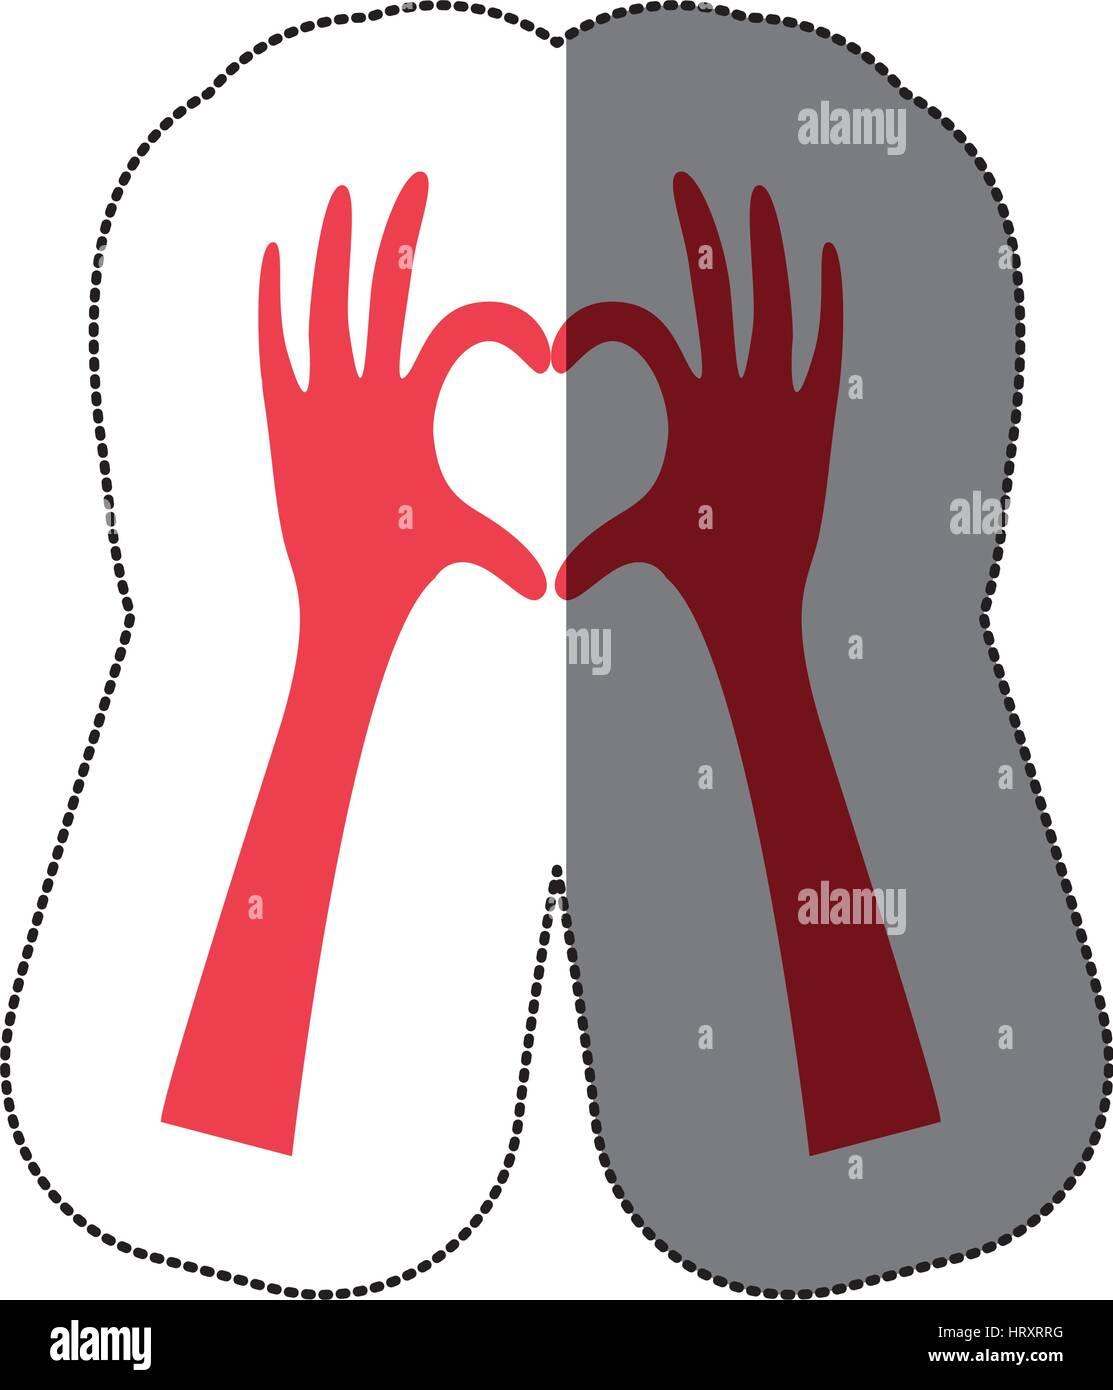 Adhesivo Colorido De Las Manos Formando Corazón Plana Icono